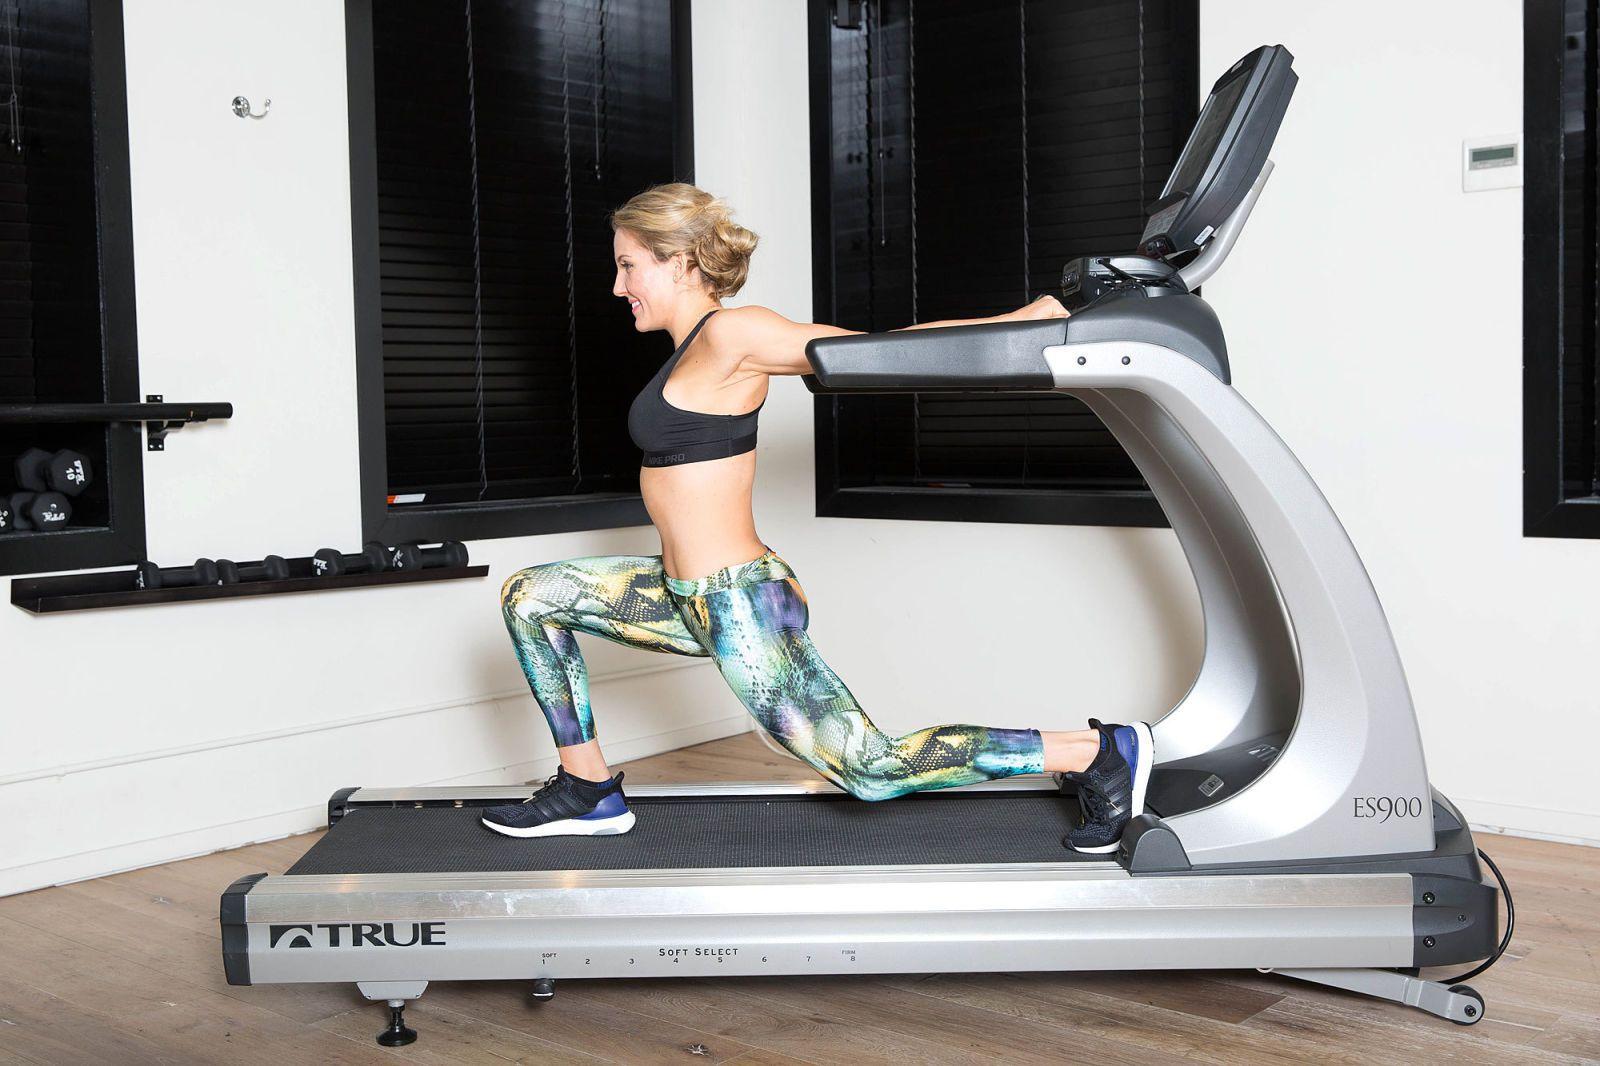 Ходьба на беговой дорожке для похудения и тренировки мышц   rulebody.ru — правила тела